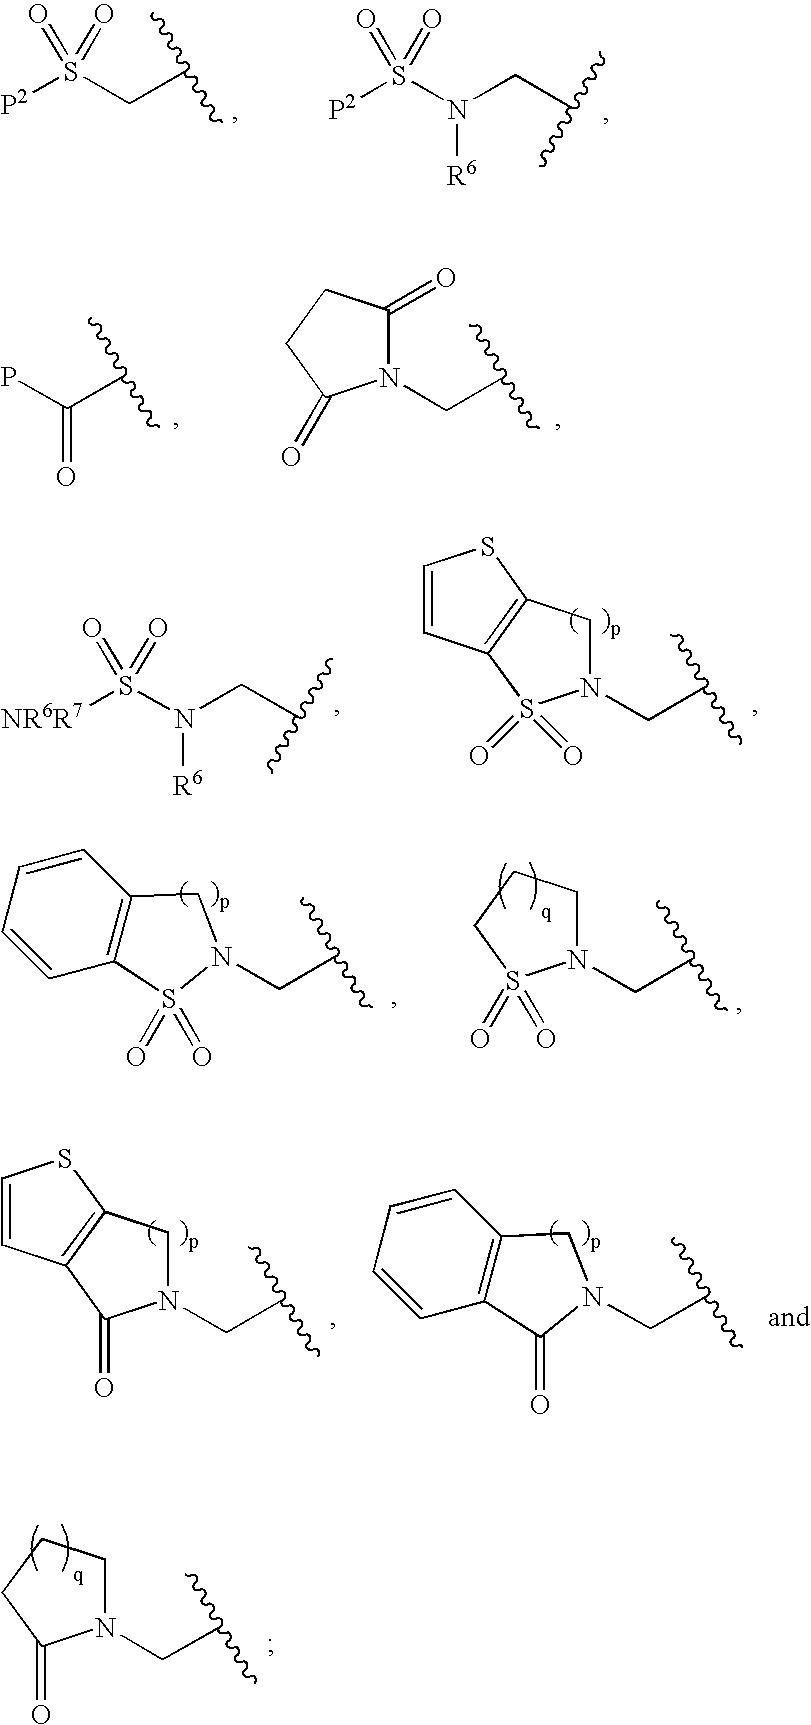 Figure US20060276404A1-20061207-C00181